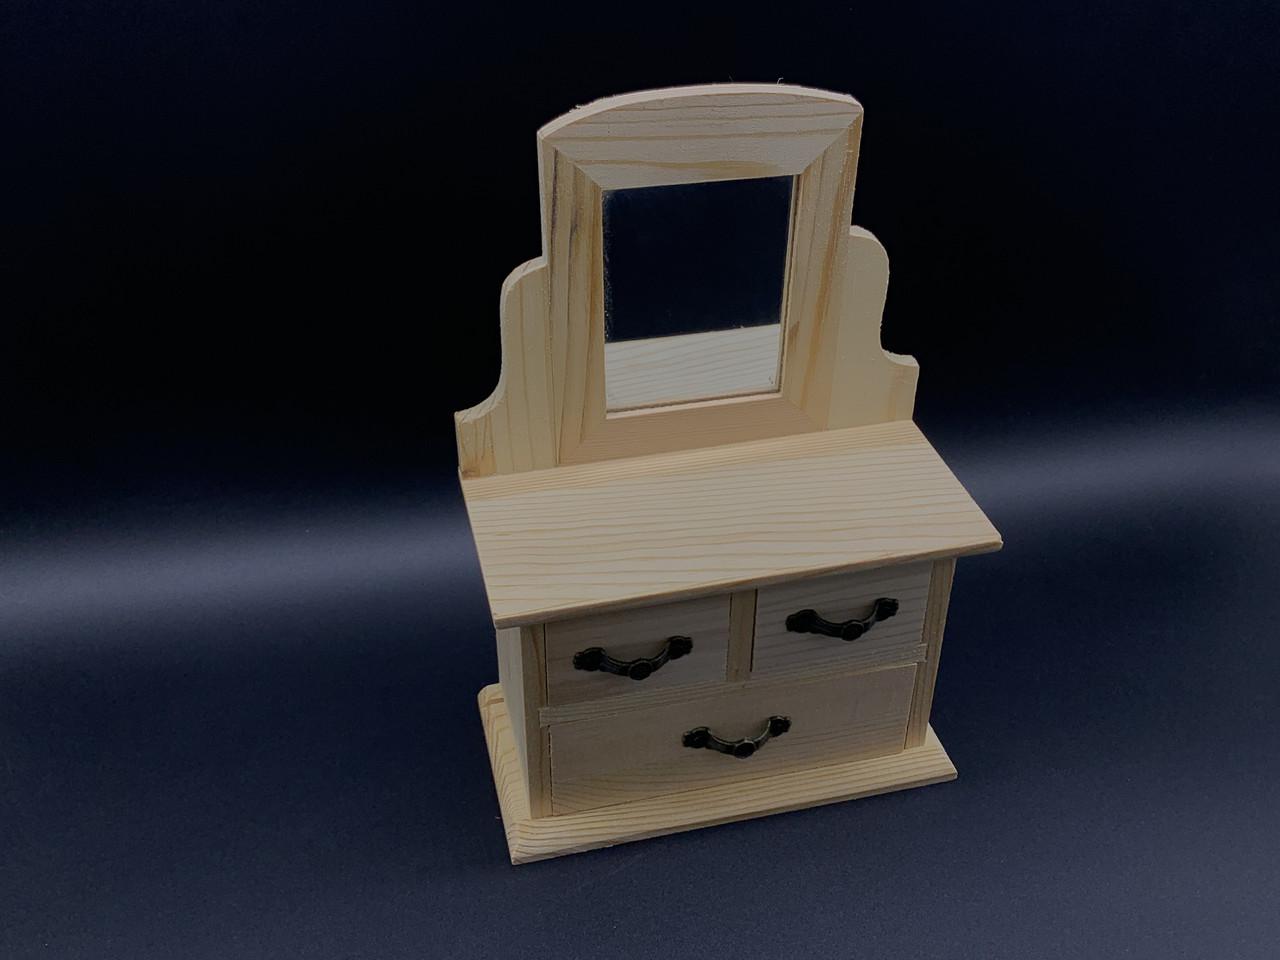 Комод-органайзер для росписи. Зеркало. 22,5х15,5х7,5см